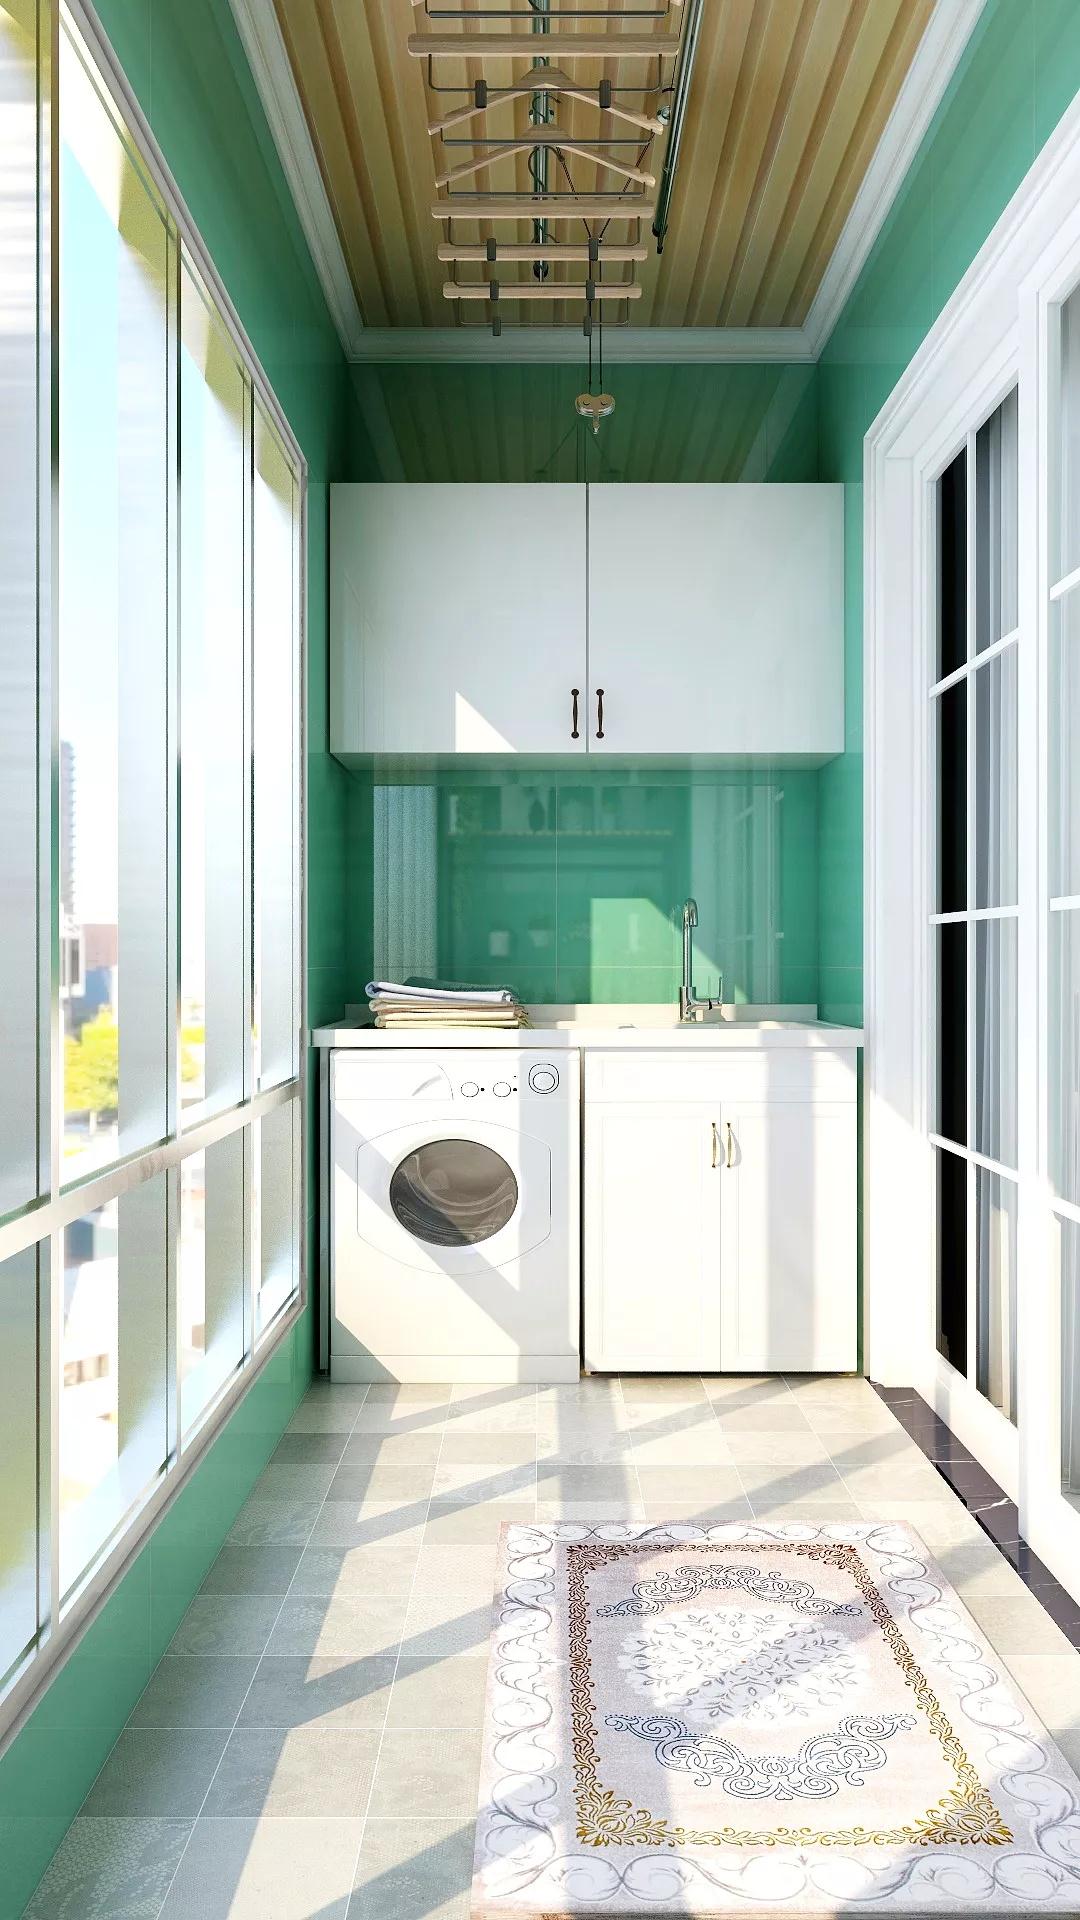 创意家居花艺设计技巧 让家居空间更加美好